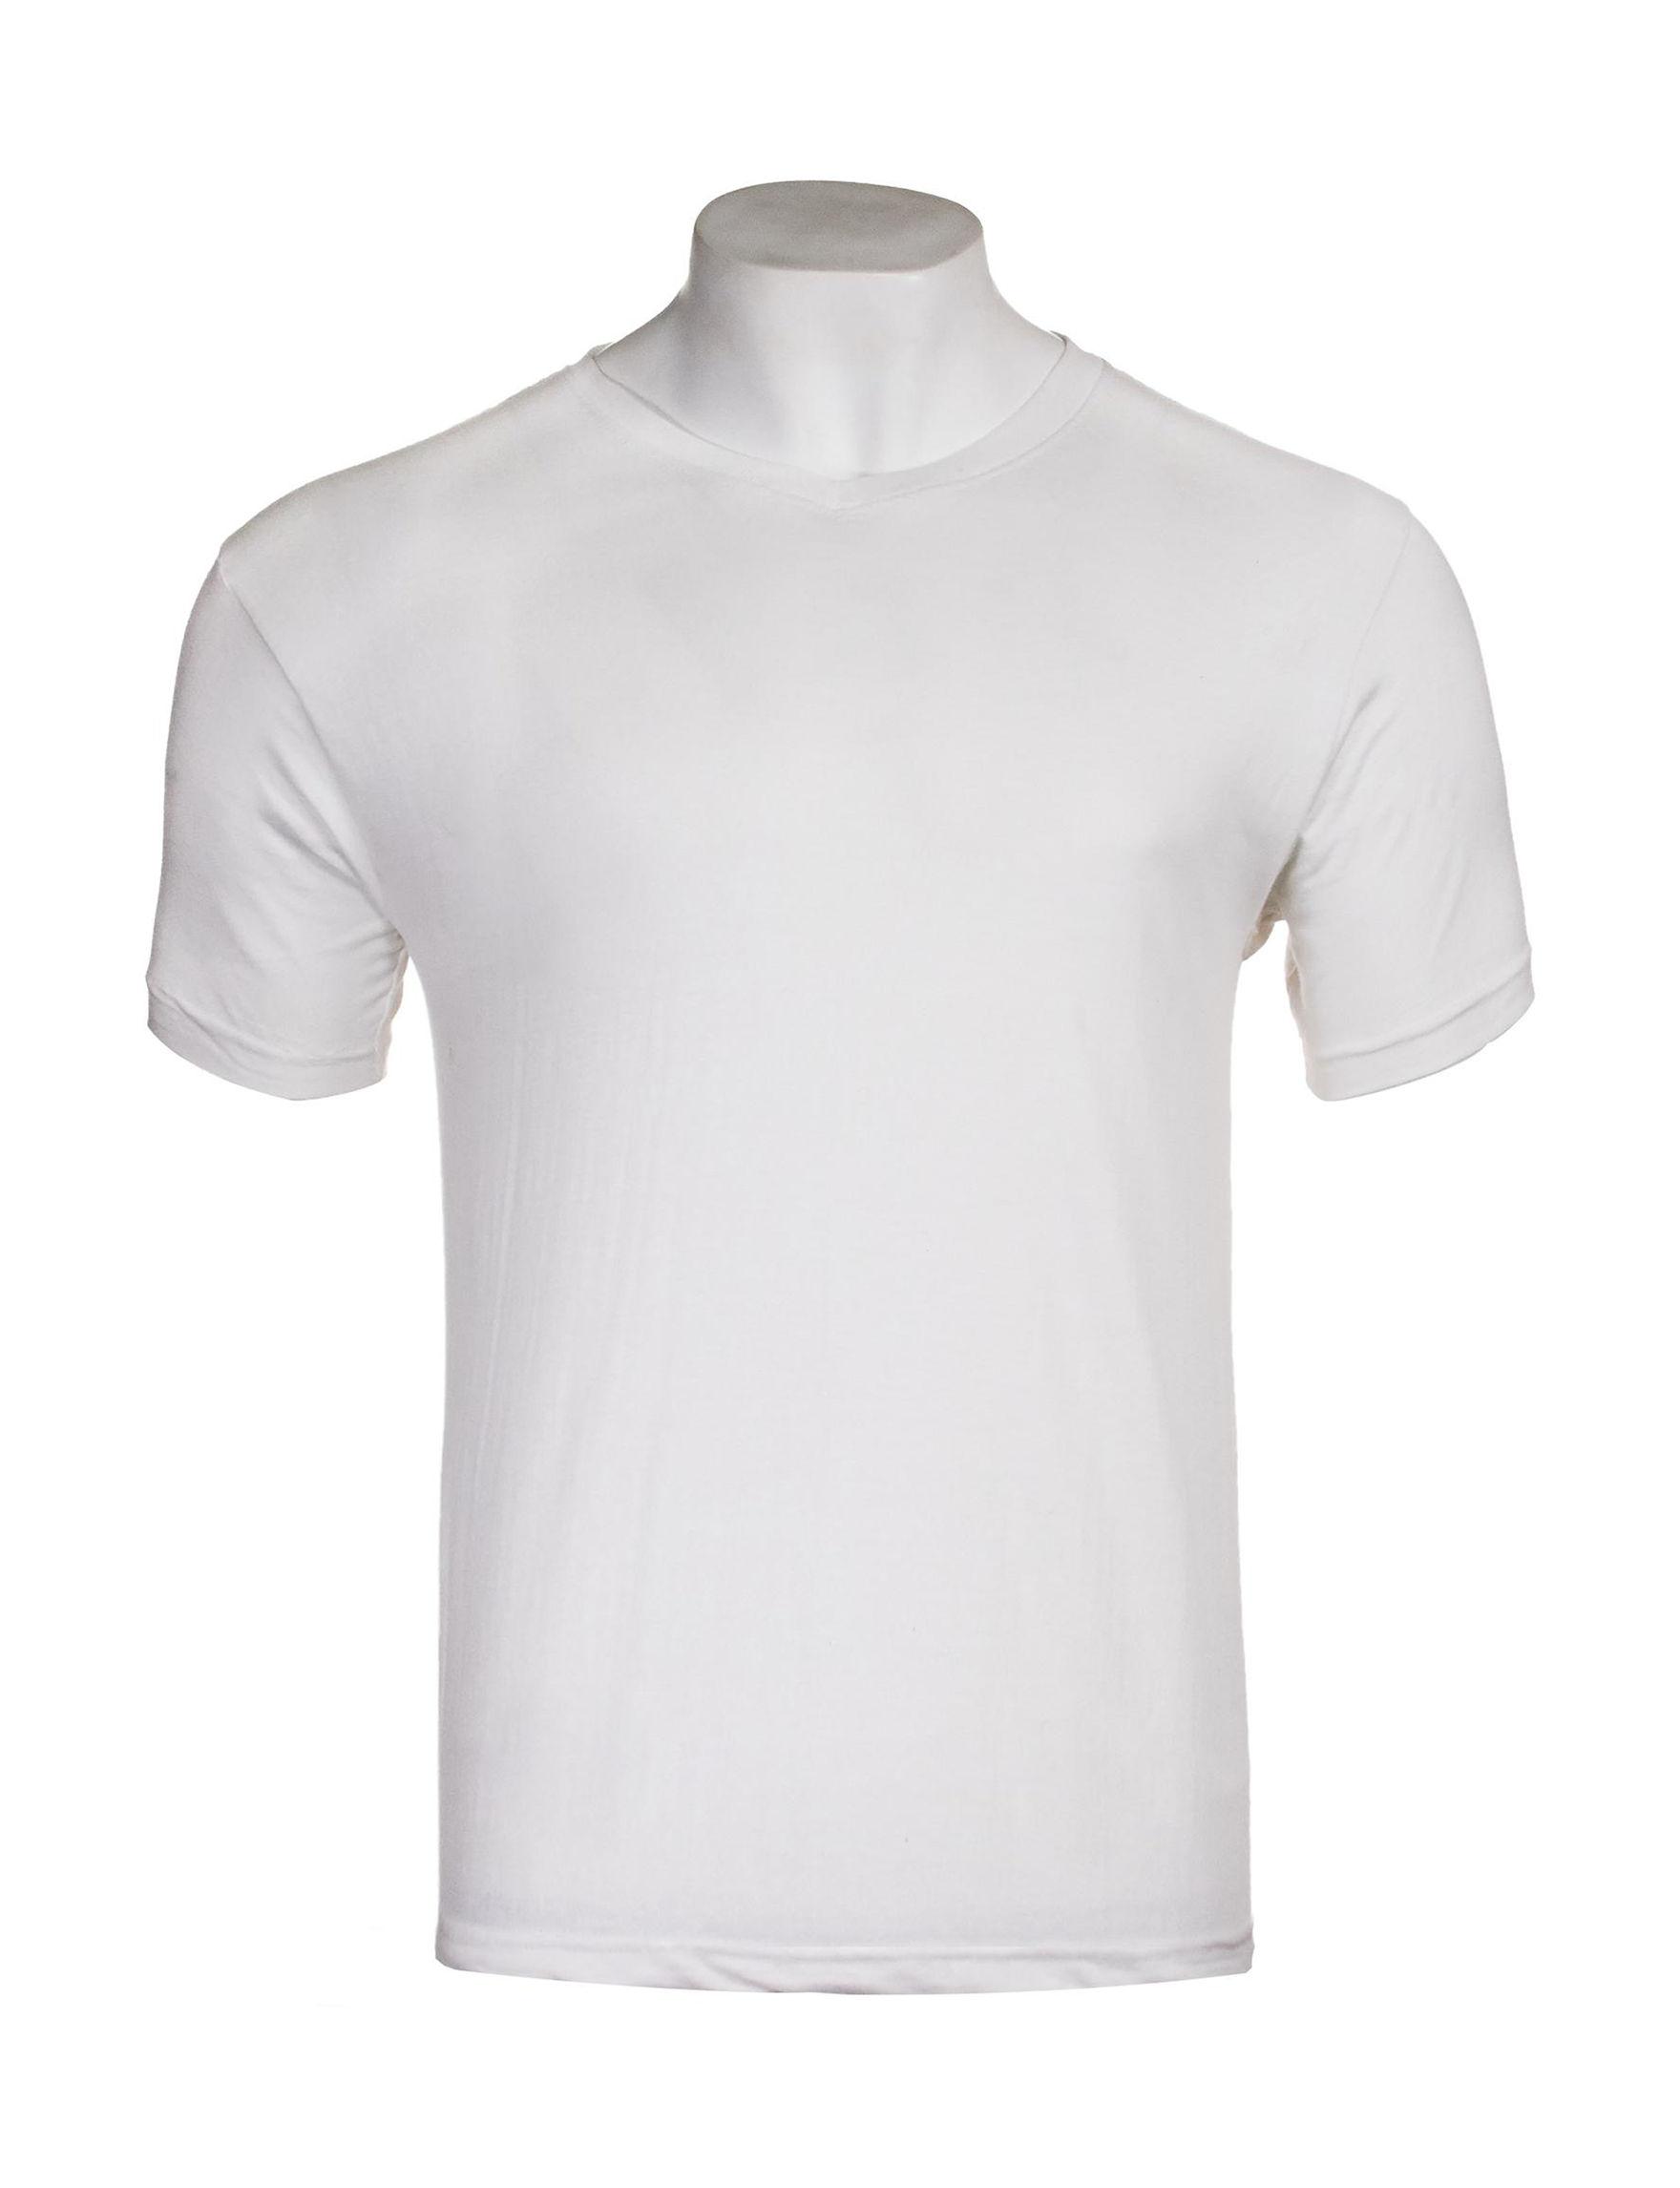 Head White Undershirts